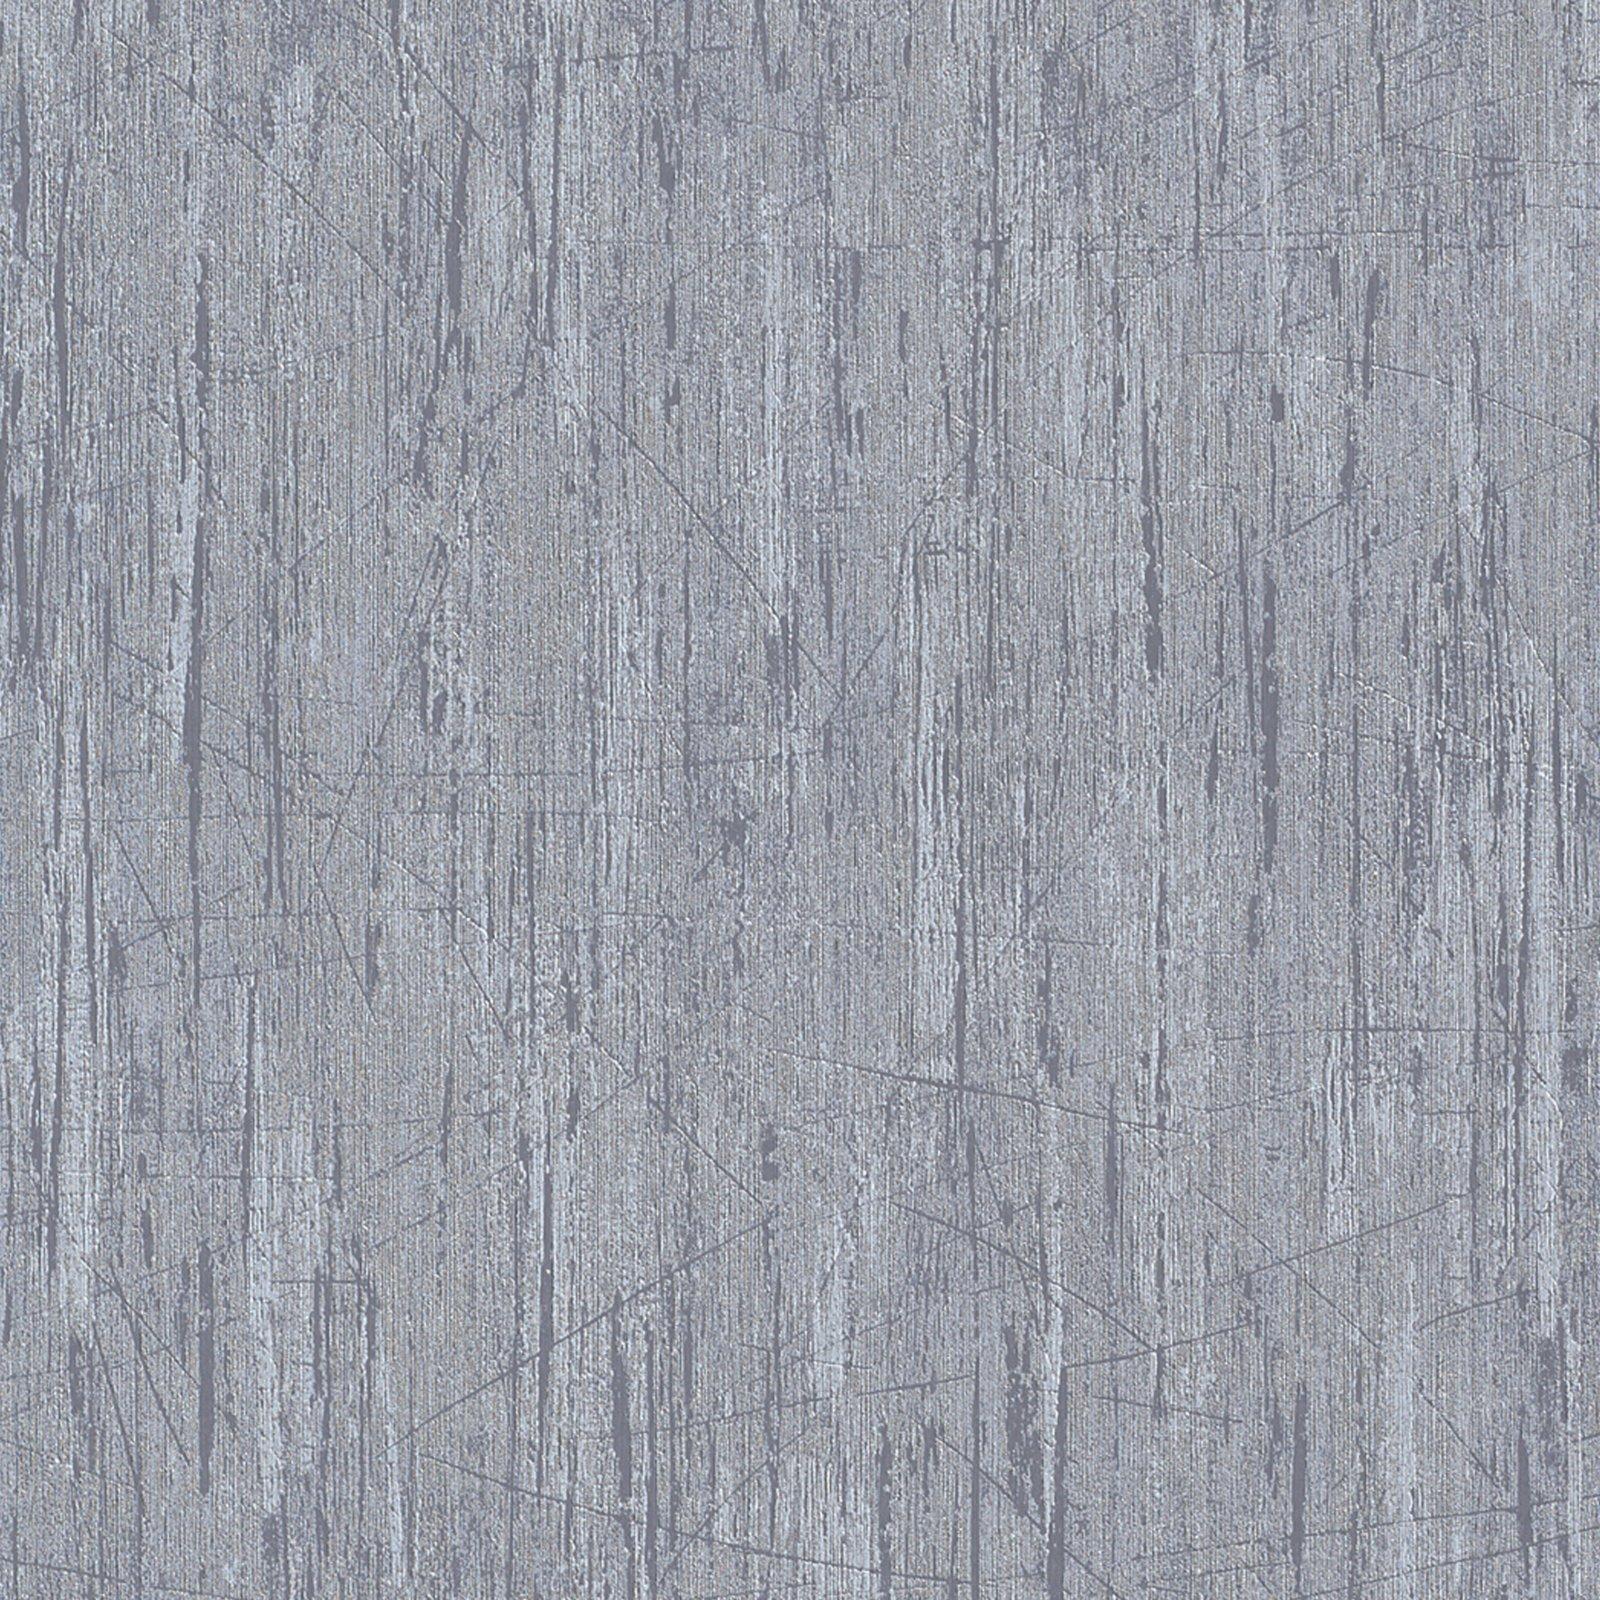 vliestapete silber grau 10 meter vliestapeten. Black Bedroom Furniture Sets. Home Design Ideas